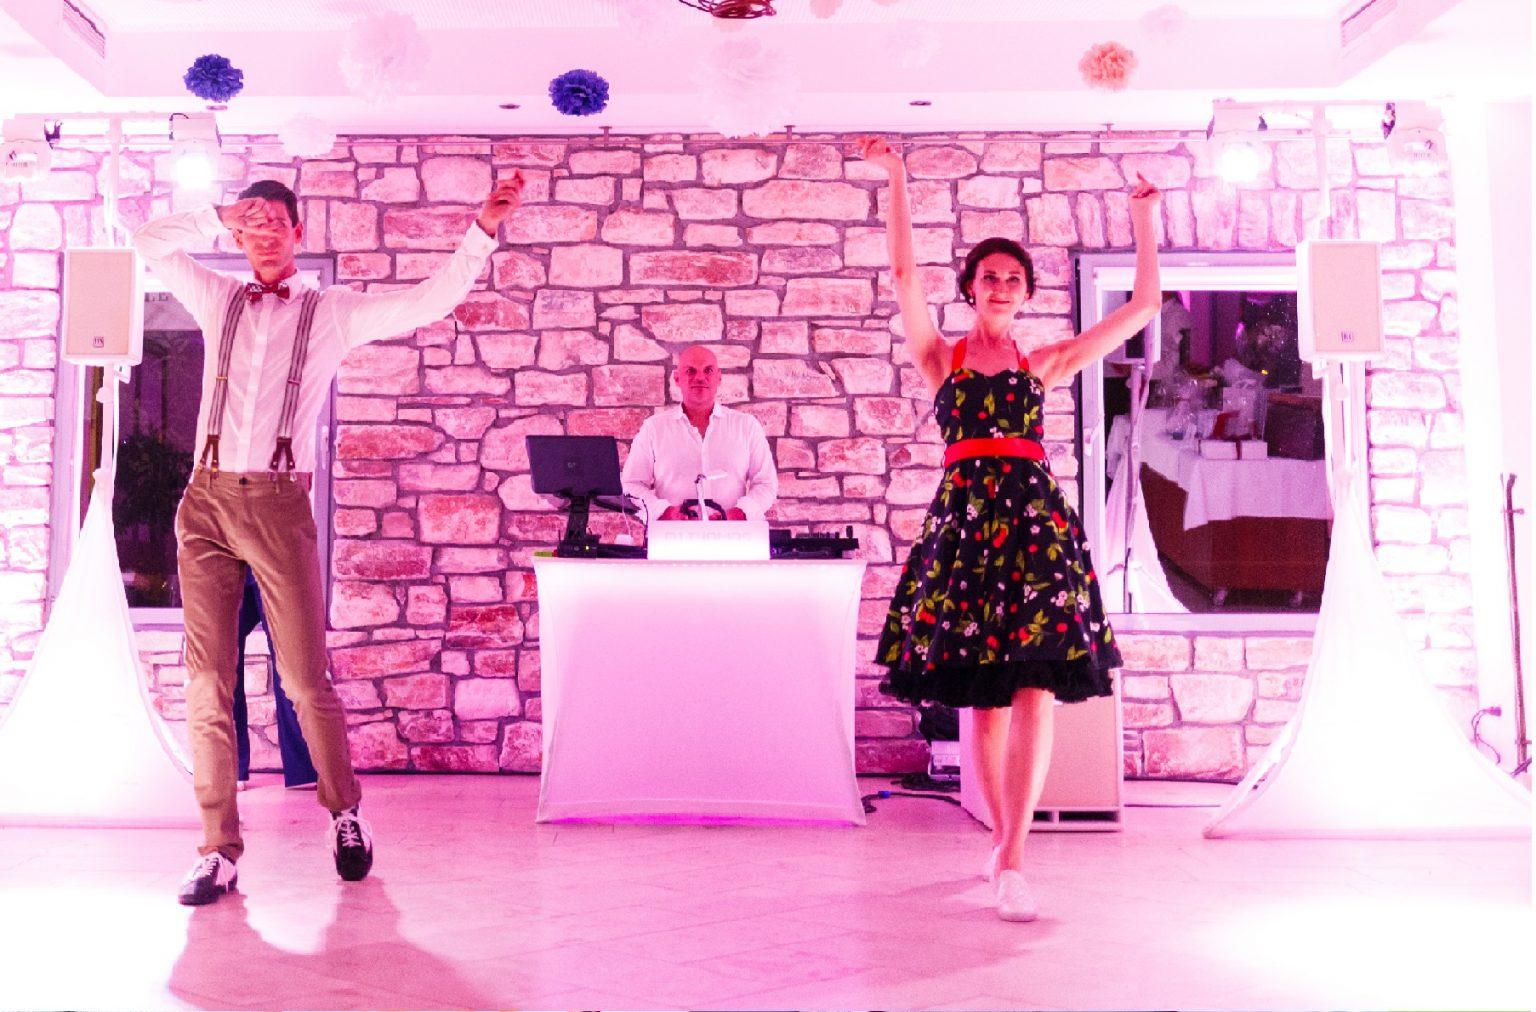 HochzeitsDj Wien, hochzeits dj niederösterreich, dj oberösterreich, dj kärnten, dj burgenland, dj wien, dj salzburg, dj linz, dj graz, fotobox wien, fotobox graz, fotobox burgendland, fotobox linz, fotobox salzburg, SHOWTIME PREMIUM DJ SERVICE Hochzeits DJ Niederösterreich Hochzeits DJ Steiermark Hochzeits DJ Oberösterreich, Hochzeits D jBurgenland, fotobox Hochzeits djS alzburg Fotobox günstig mieten, Zauberspiegel wien, Zauberspiegel mieten, Hochzeitsdj, Eventdj, Veranstaltungstechnik, Karaoke mieten, Zauberer für Hochzeit, Karikaturzeichner, Stelzengeher, Bauchredner, Sängerin für Hochzeit, Saxophonist für Hochzeit, Saxophonist und dj, zauberspiegel salzburg, zauberspiegel wien, zauberspiegel linz, zauberspiegel mieten, zauberspiegel kärnten, Weihnachtsfeier, Firmenfeier, Geburtstagsfeier, Firmenevent, Event DJ, Ball, Clubbing, Eröffnung, Catering, Event Möbel, Fotobox mieten günstig, Fotospiegel, Zauberspiegel wien, eventcompany, Showtime, Business Event, Ton und Lichttechnik, Technik mieten, Event Technik mieten,